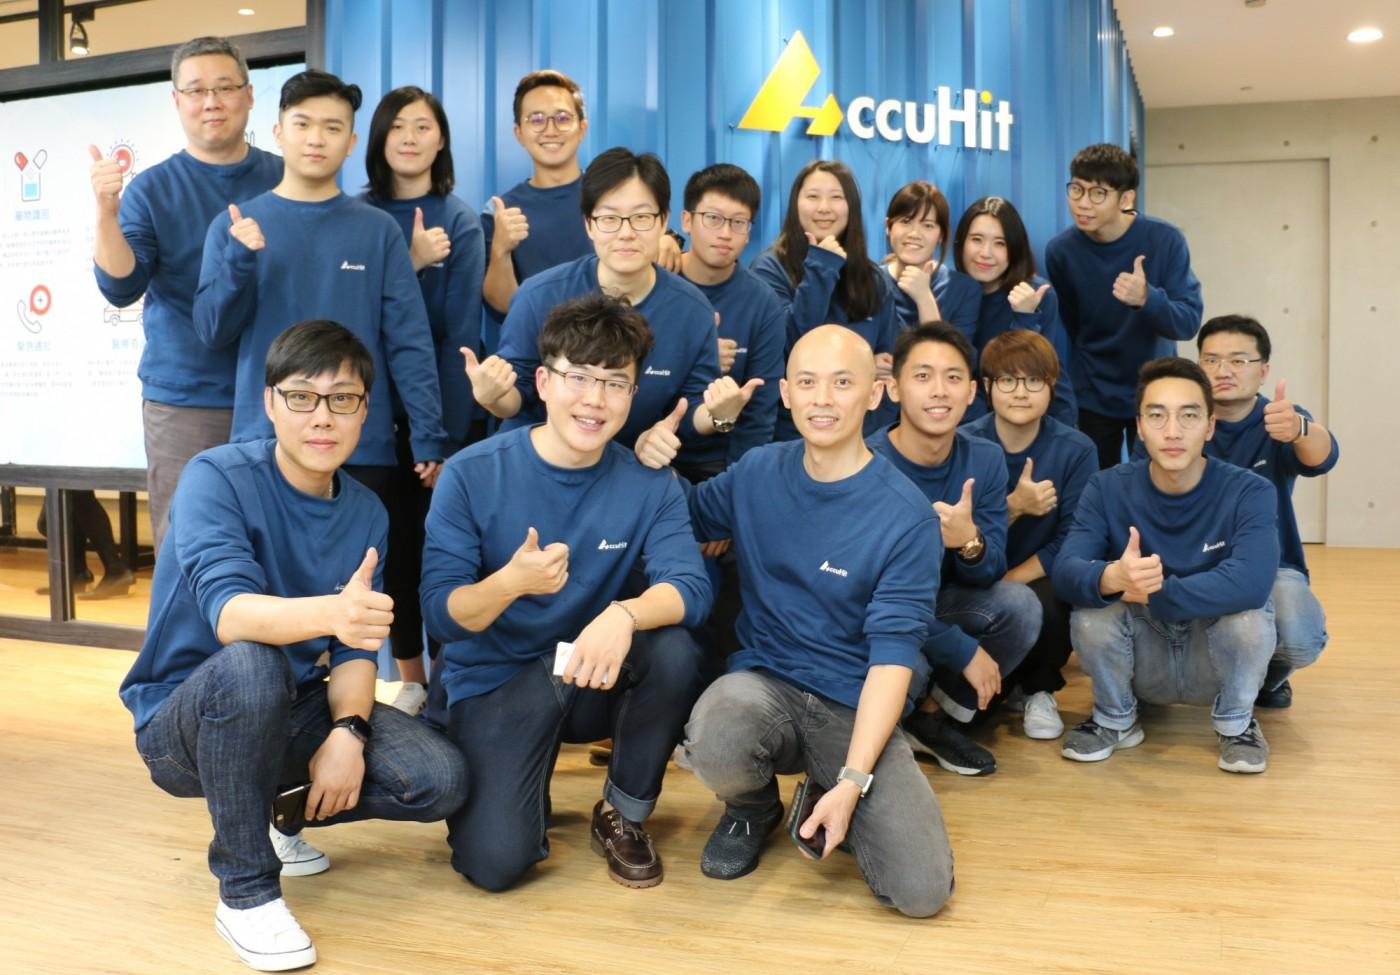 MarTech科技行銷新趨勢 AccuHit愛酷智能科技正式成軍 提供企業行銷利器 精準行銷更有利